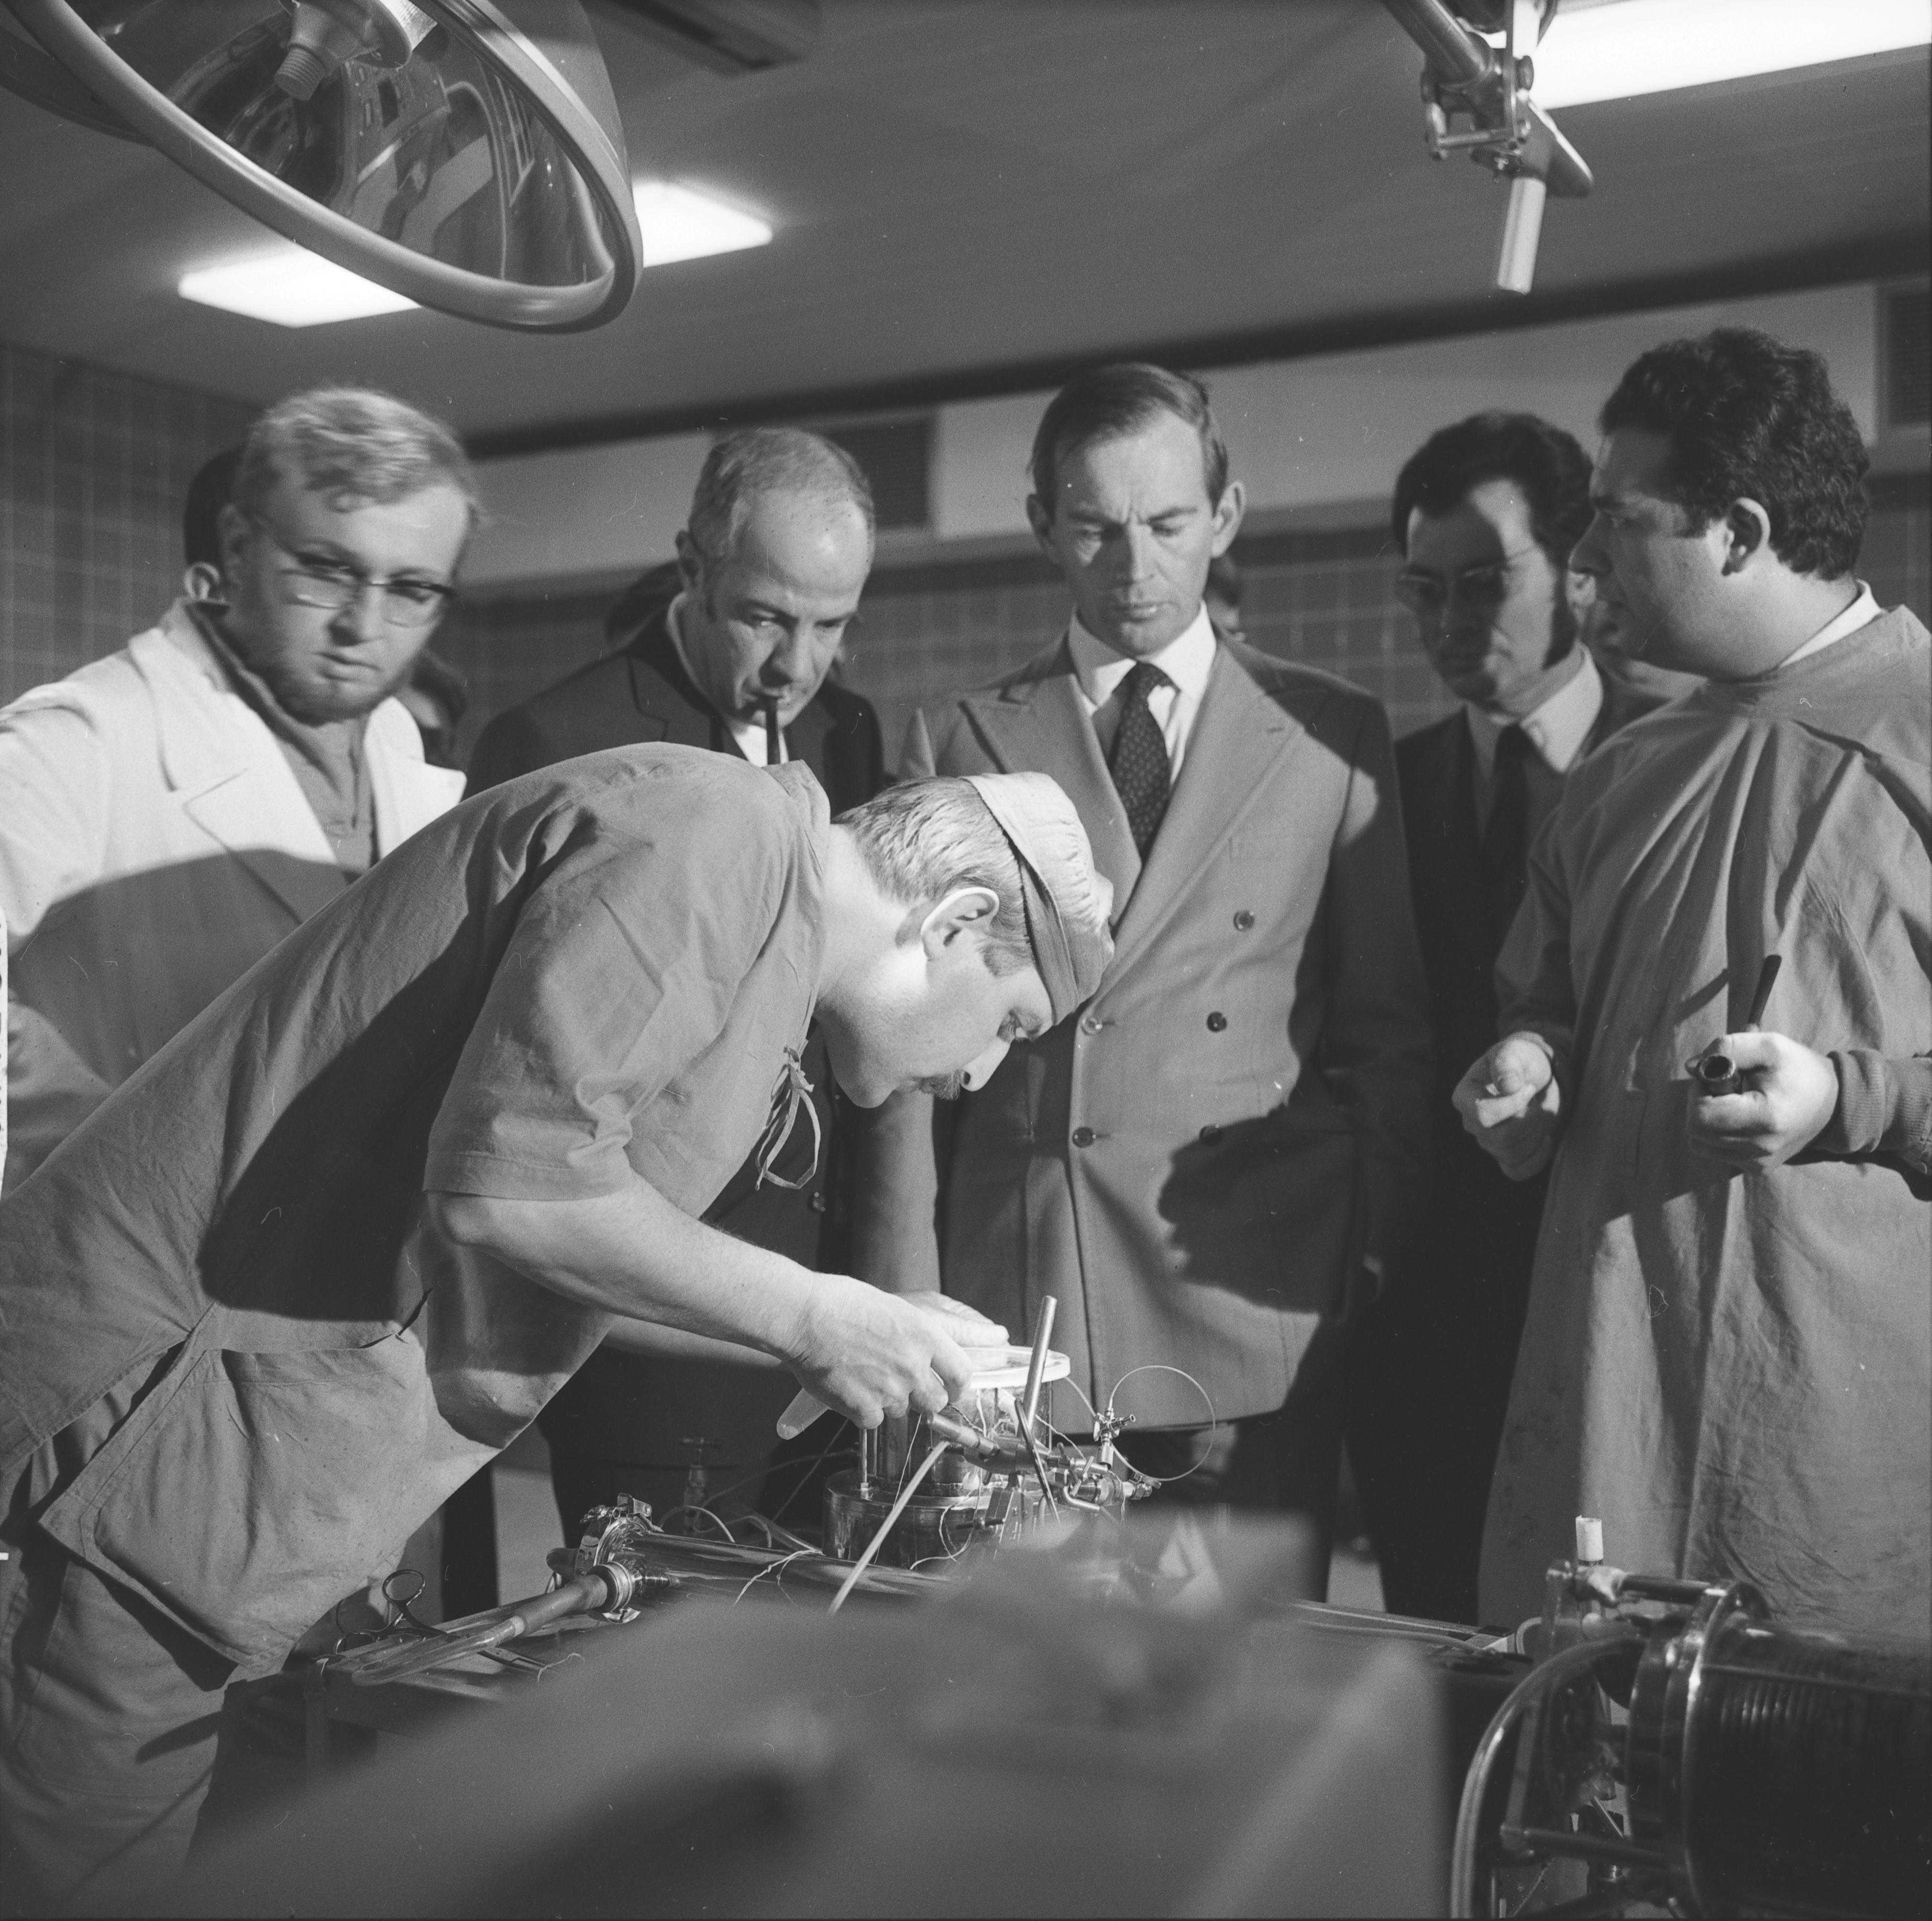 А вот первая пересадка человеческого сердца произошла в 1967г. Кристианом Барнардом. Сердце 25летнего парня погибшего в автокатастрофе было пересажено 57летнему пациенту, но он прожил 18 дней и умер от пневмонии.